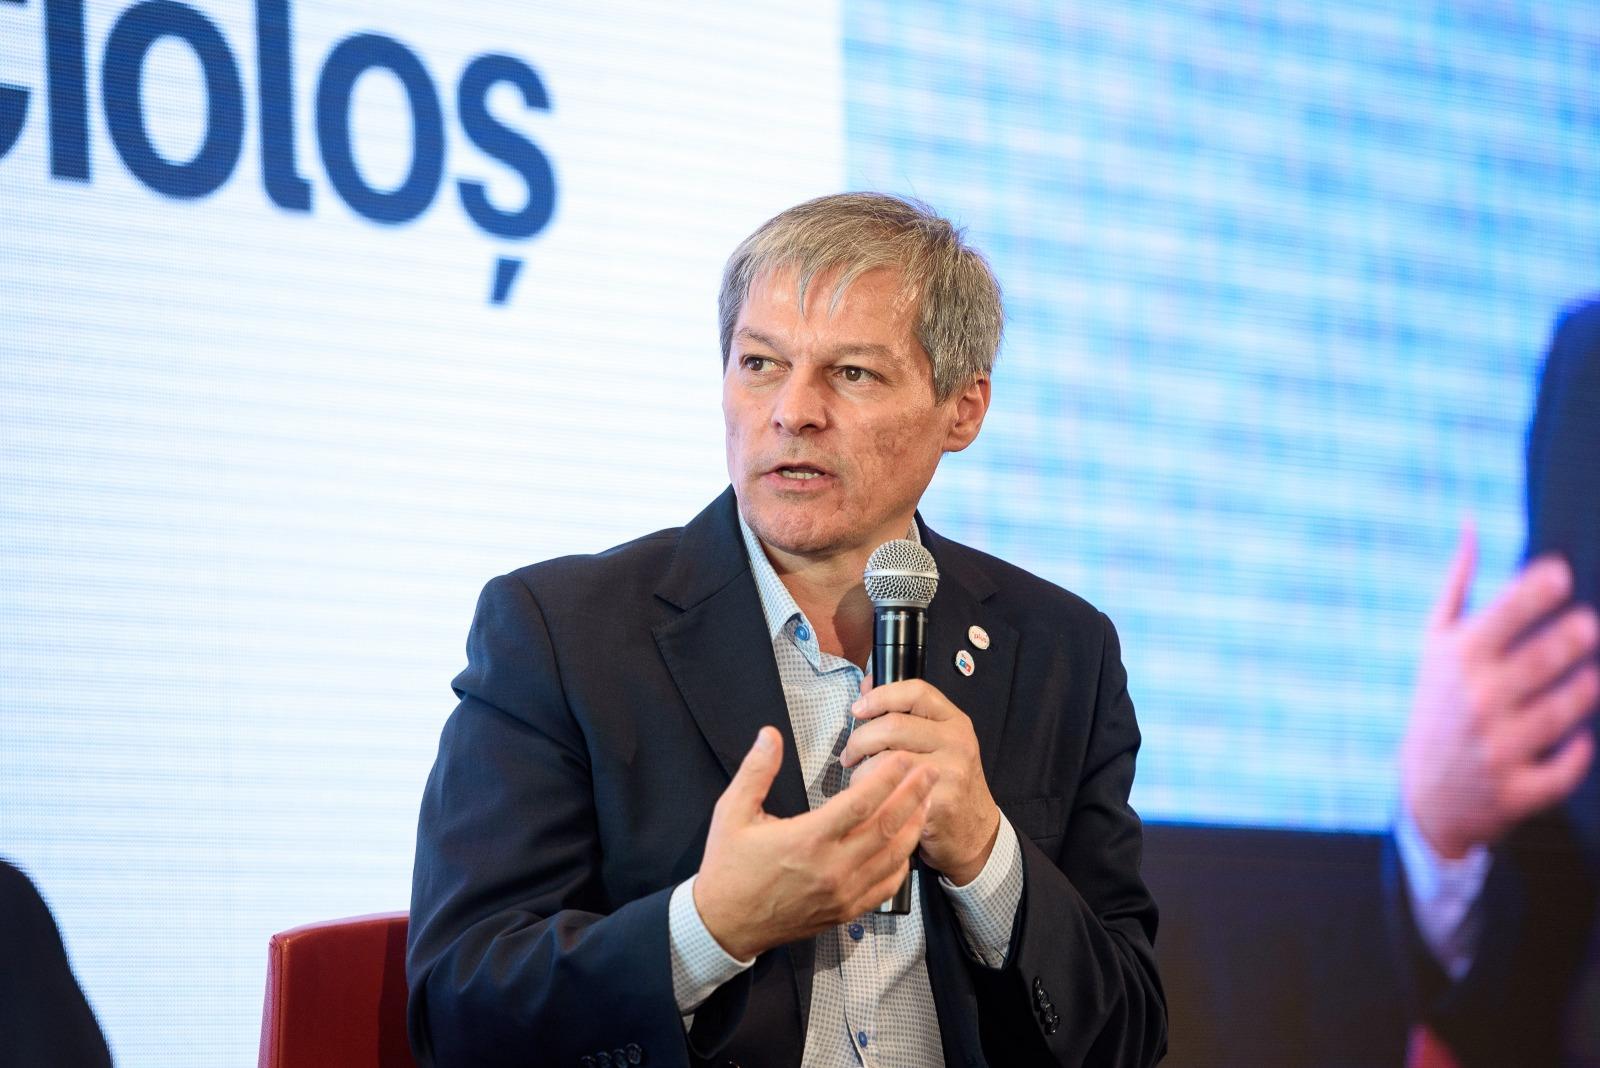 Dacian Cioloș depune, astăzi, la Parlament lista de miniştri și programul de guvernare